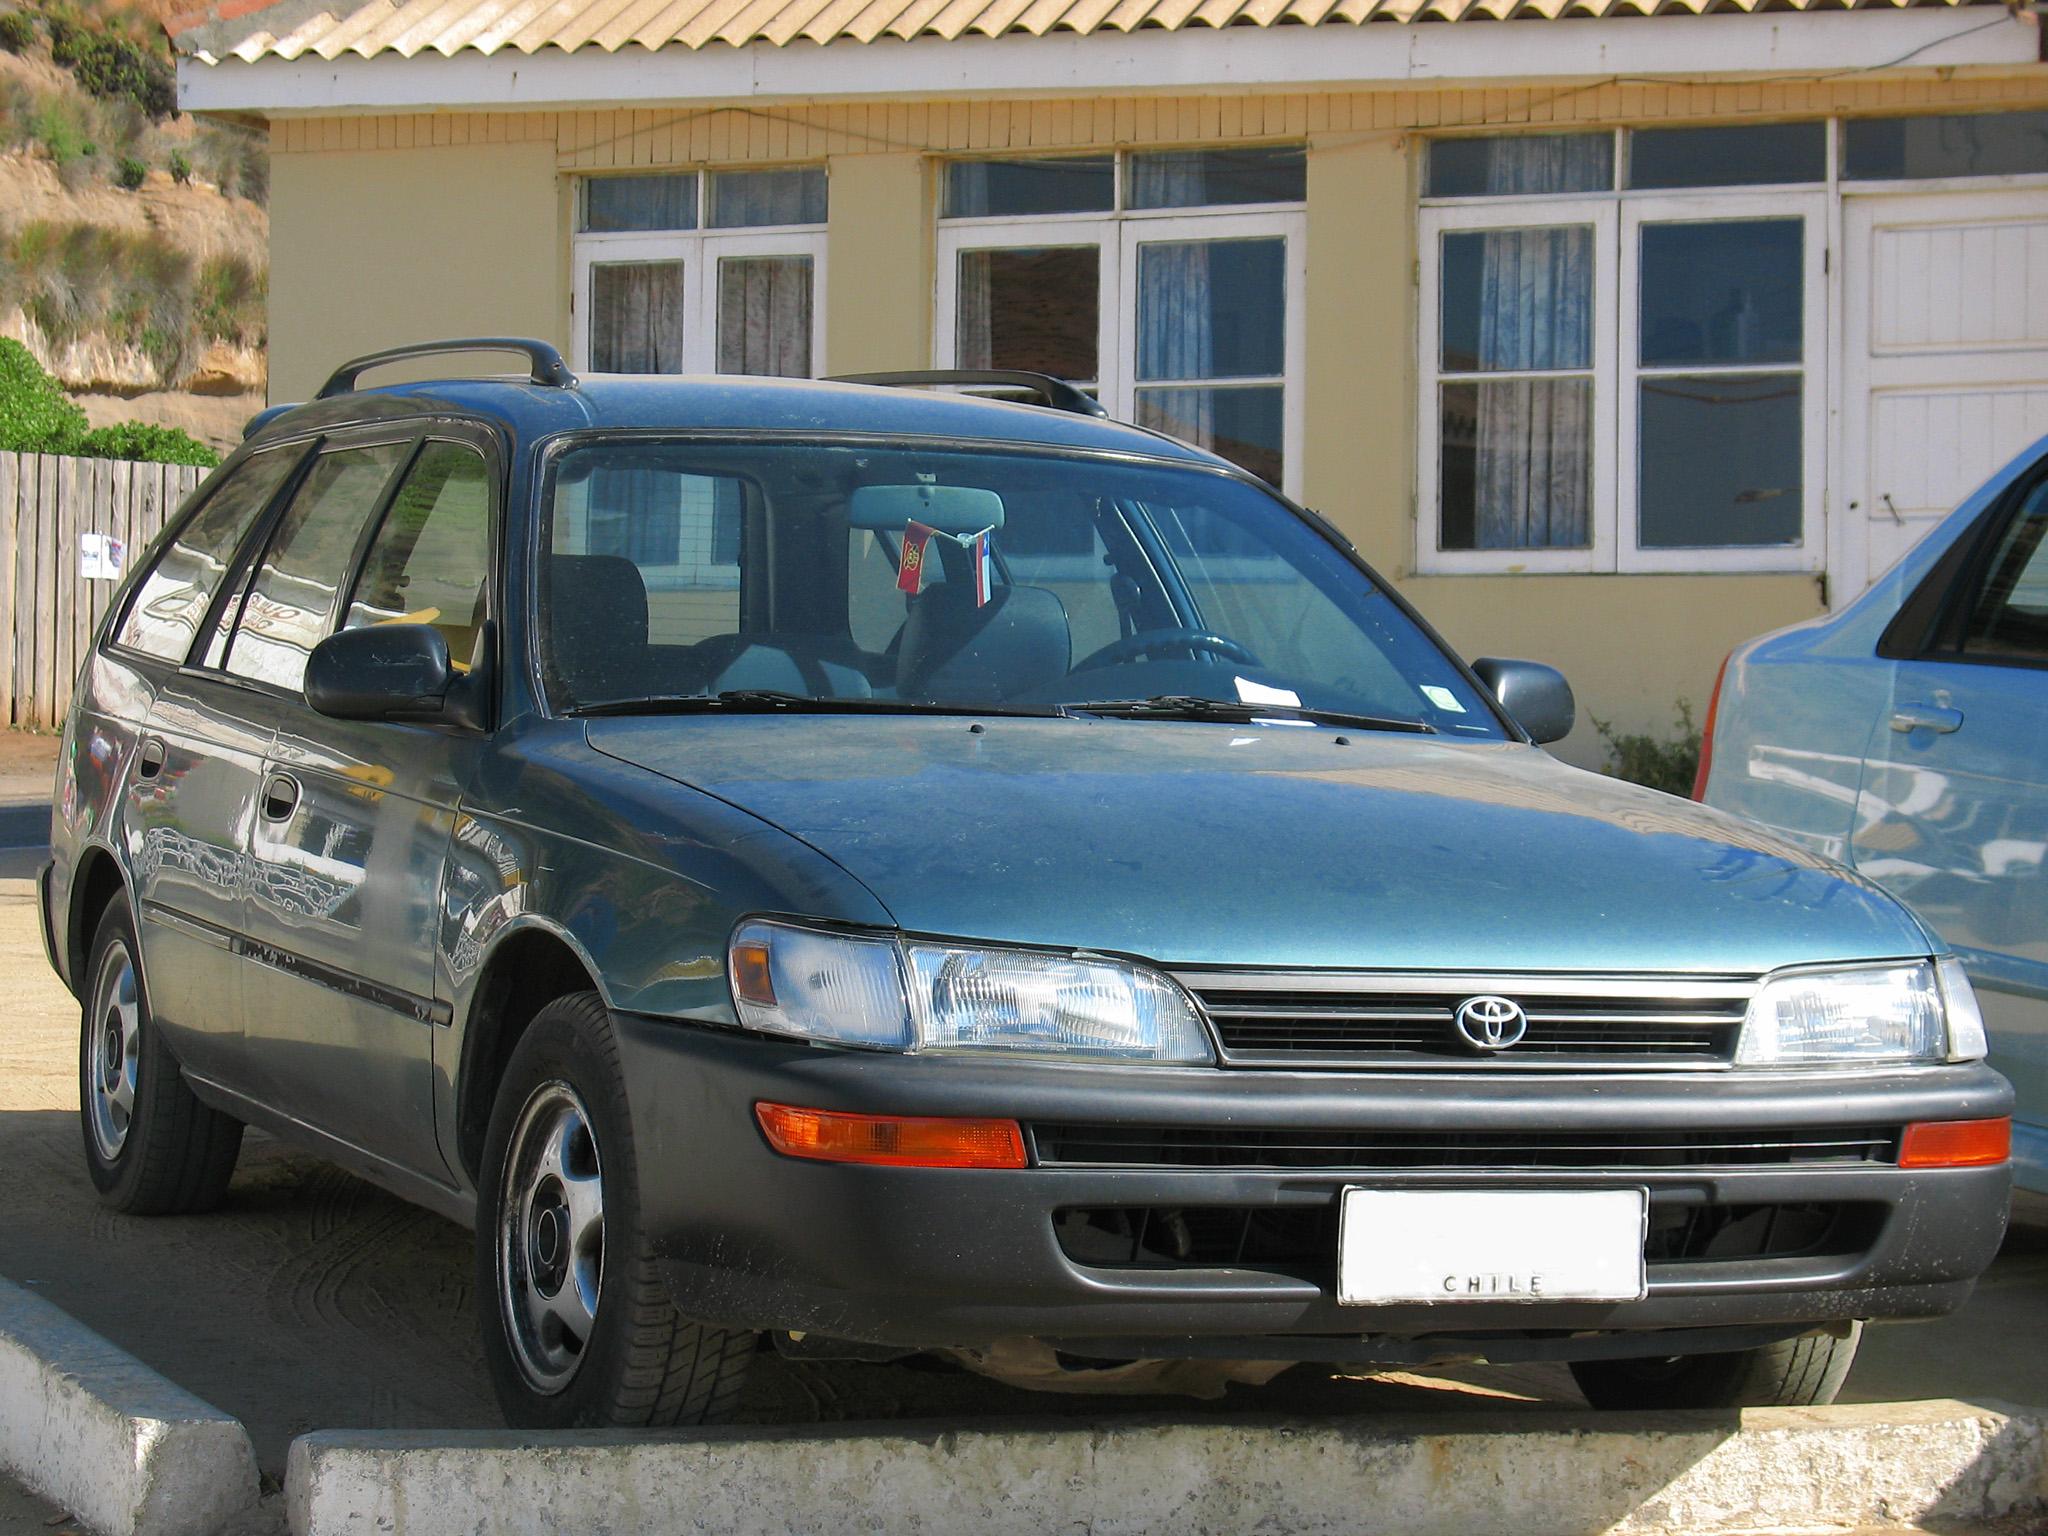 Kelebihan Kekurangan Toyota Corolla 1996 Spesifikasi